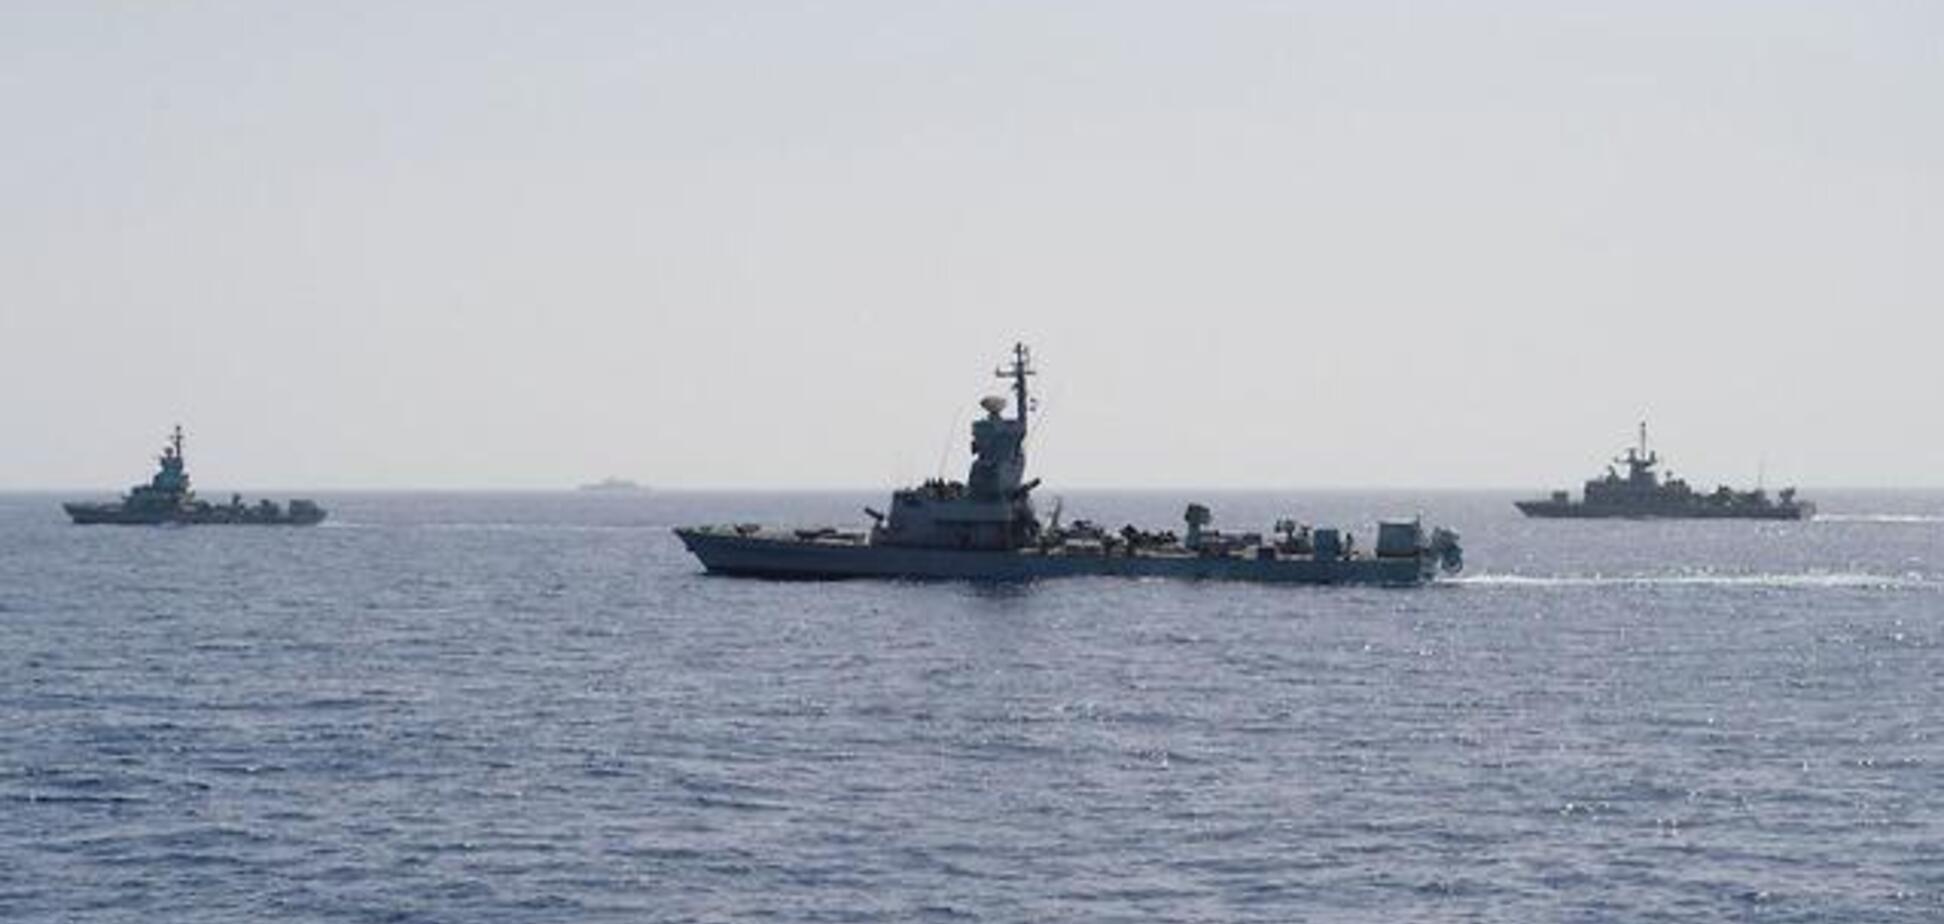 Ізраїль прогнав корабель Путіна: деталі небезпечного інциденту